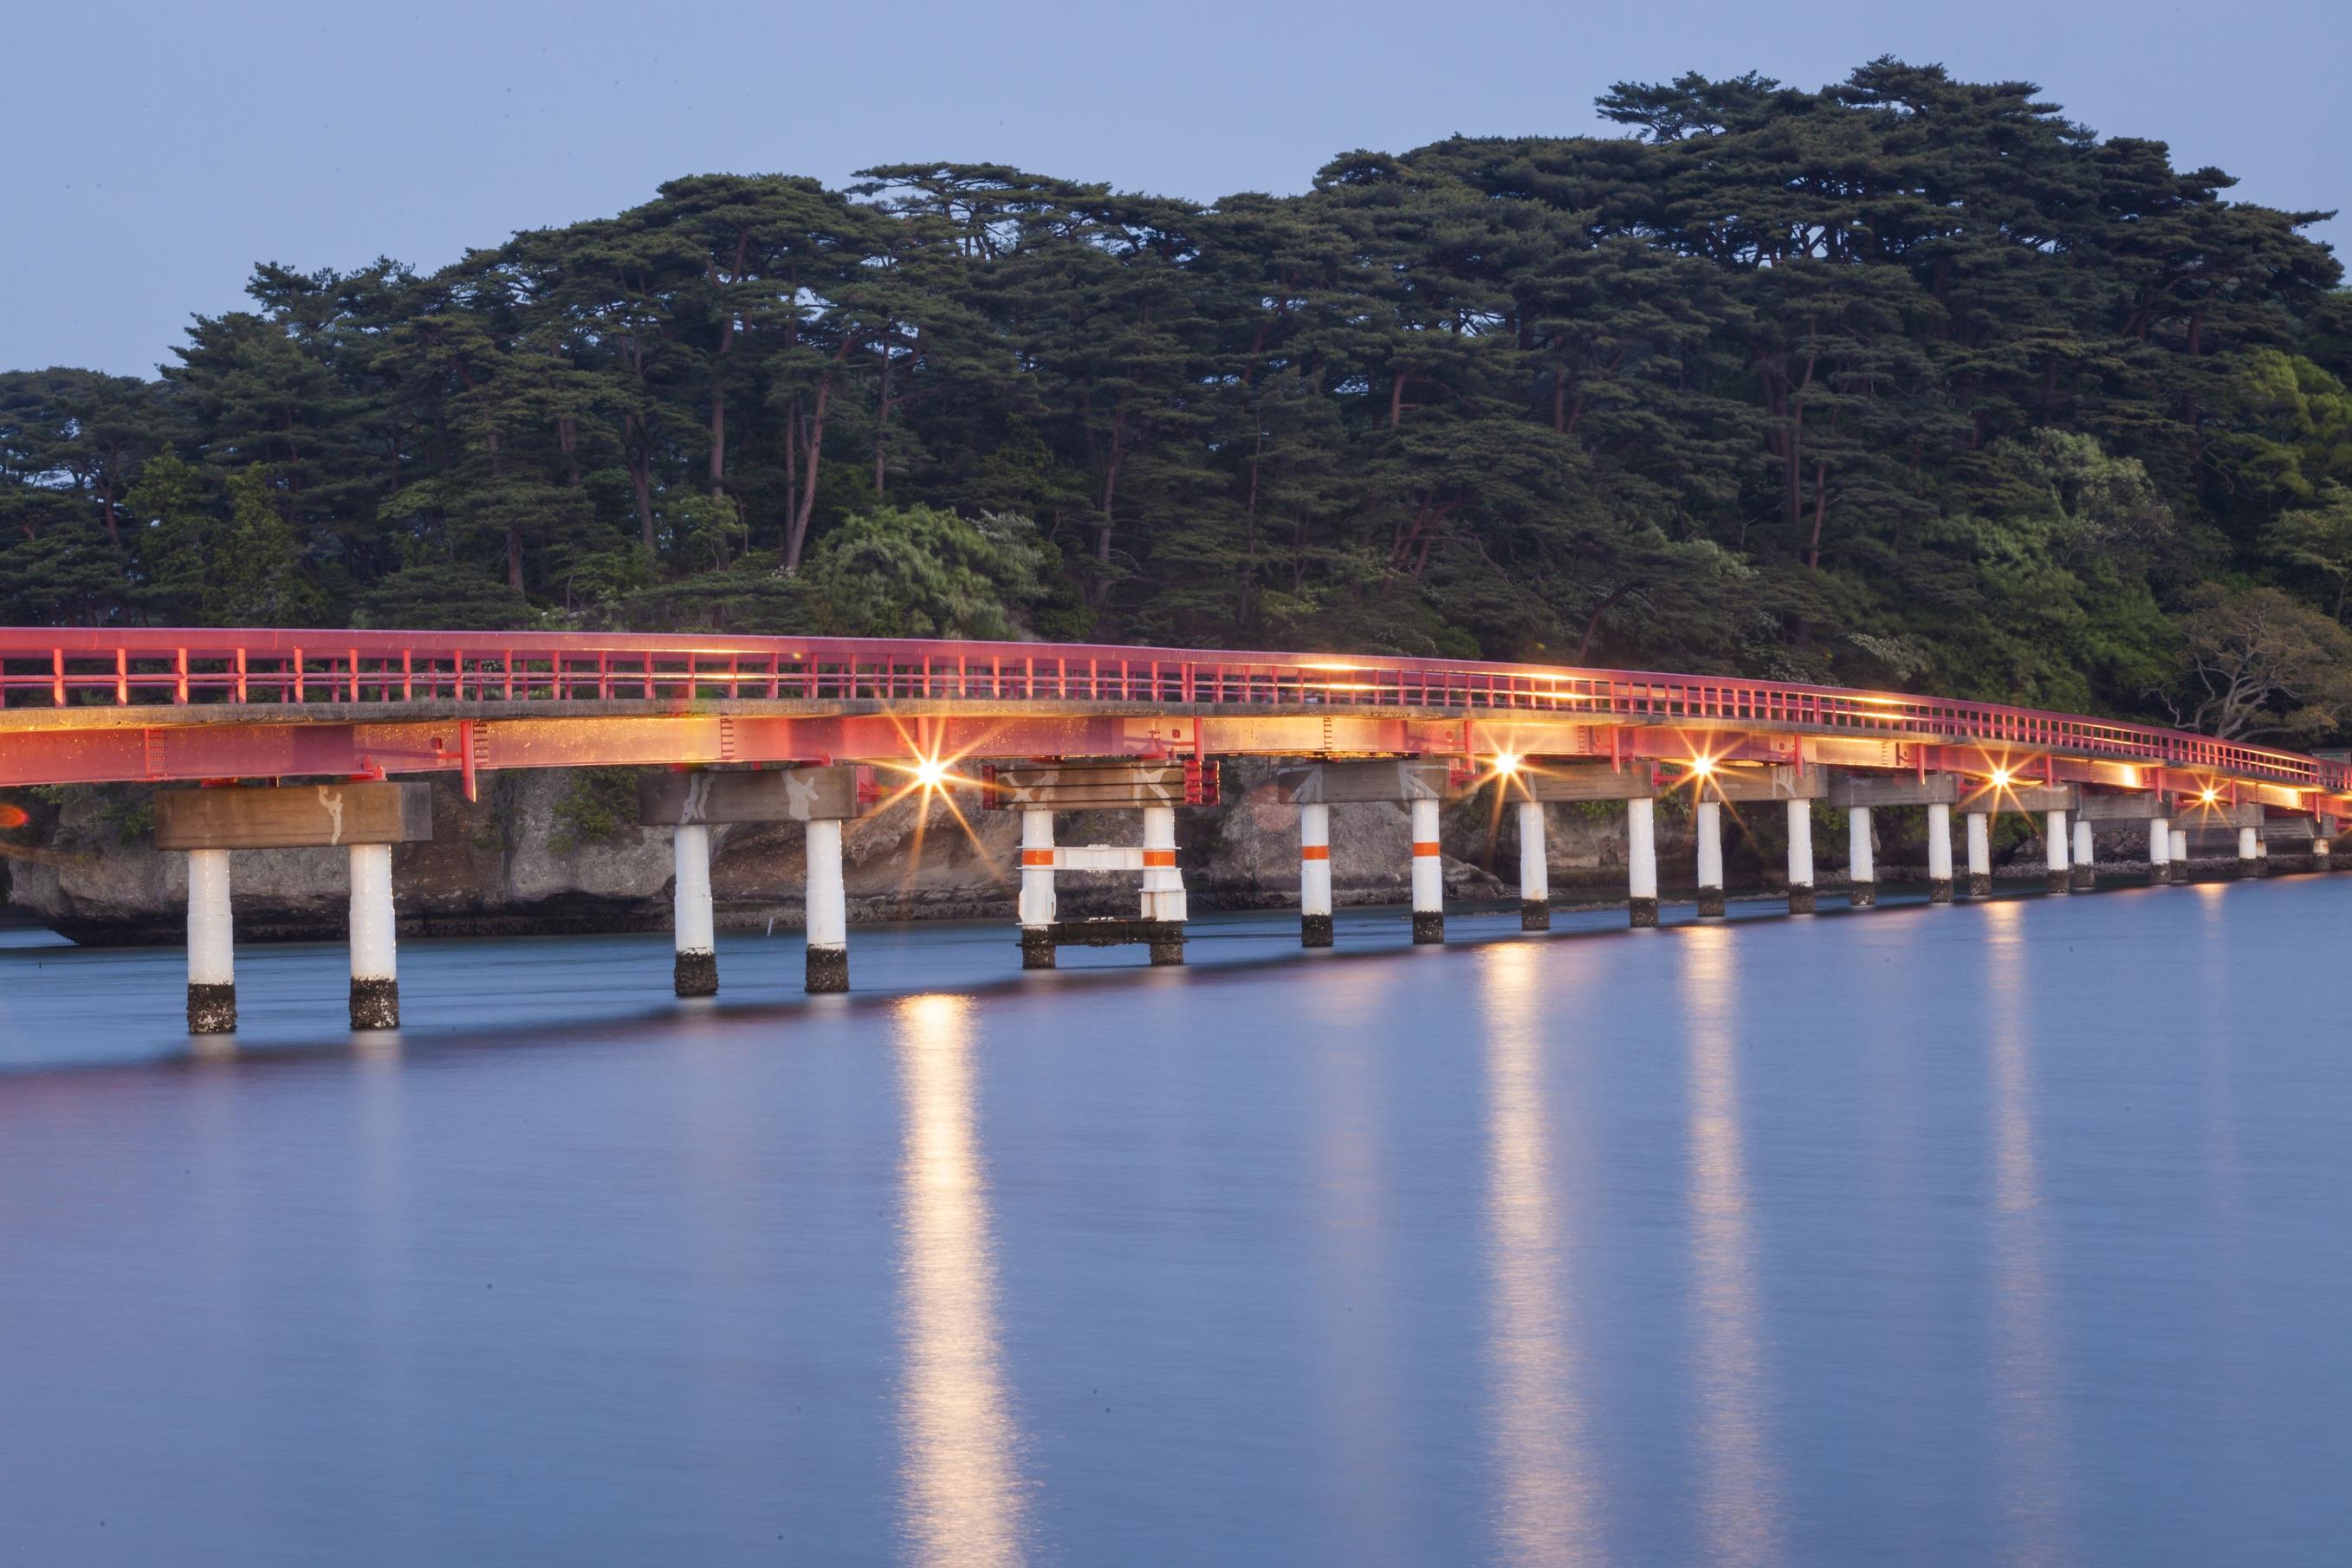 Matsushima bridge, Miyagi prefecture, Japan.